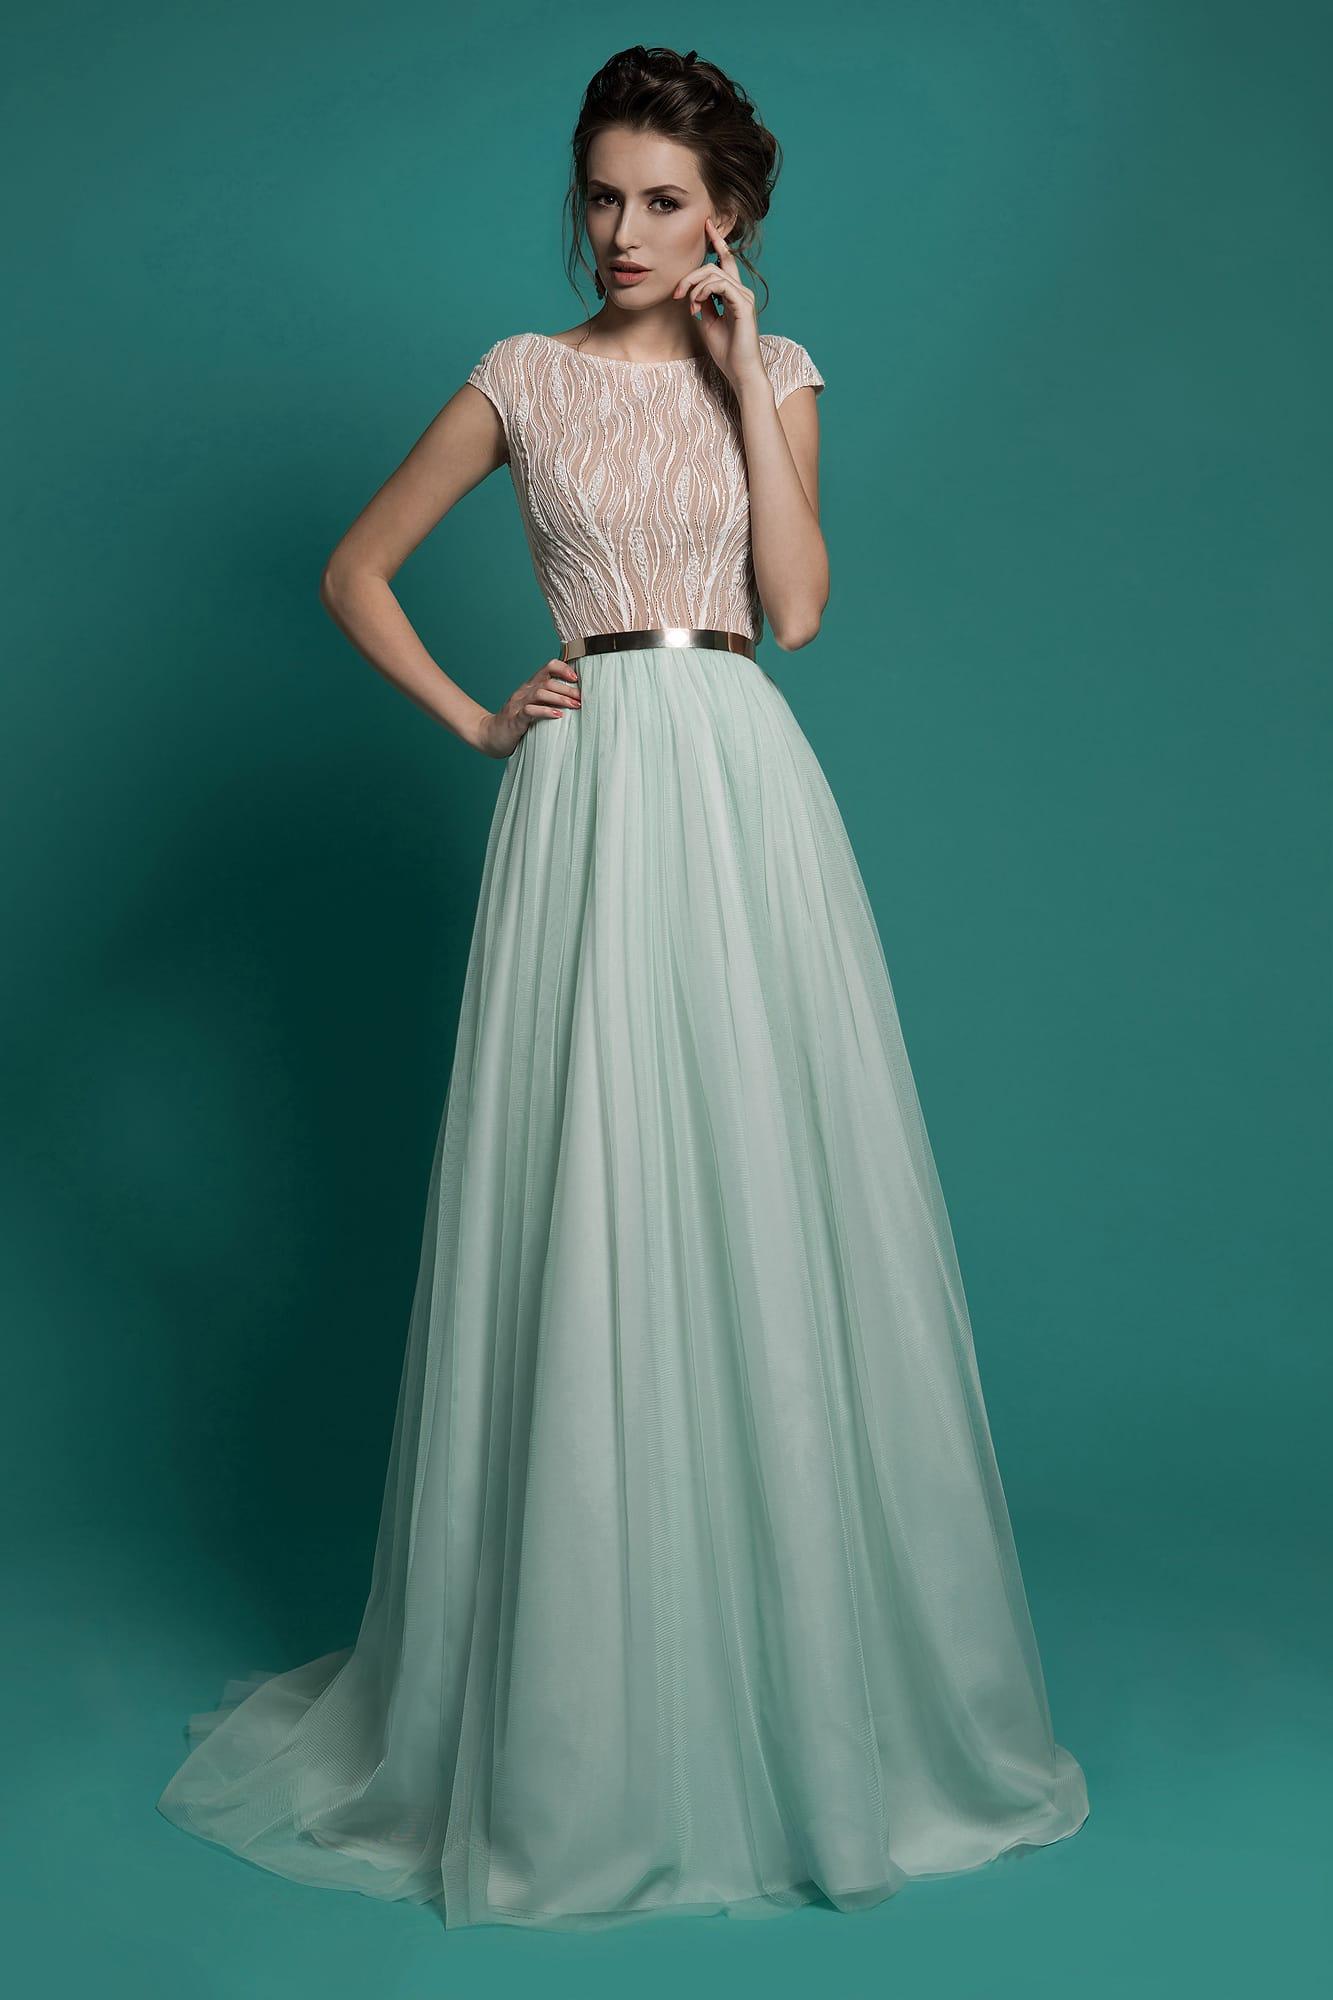 04068d766fe Прямое свадебное платье с закрытым лифом персикового цвета и юбкой мятного  оттенка.